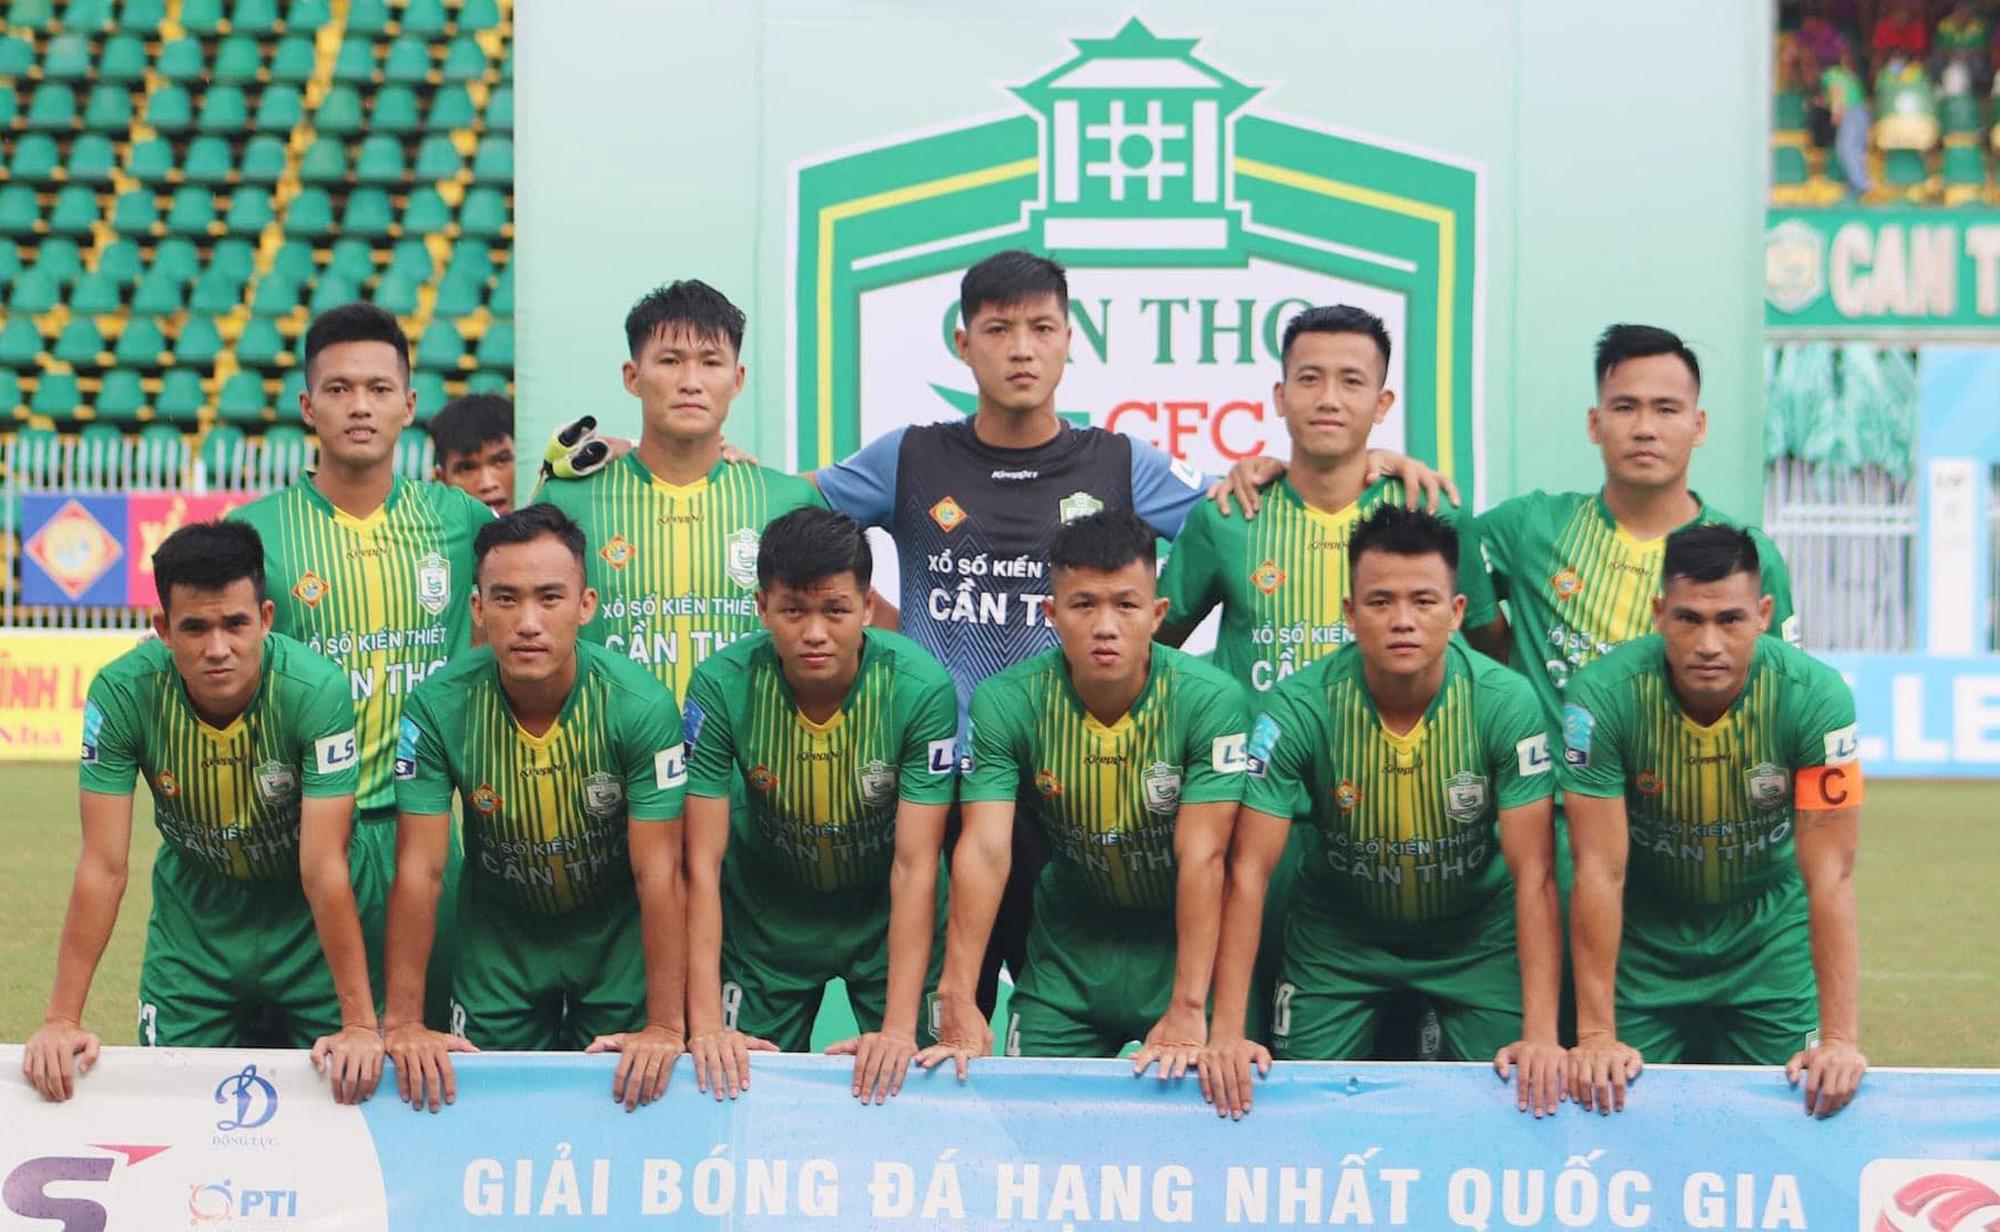 Thanh Vu ผู้รักษาประตูอยู่ในทีม Can Tho โดยเสมอกัน 1-1 กับกองกำลังรักษาความปลอดภัยสาธารณะของประชาชนเพื่อเดินขบวนไปยัง National First Division 2021